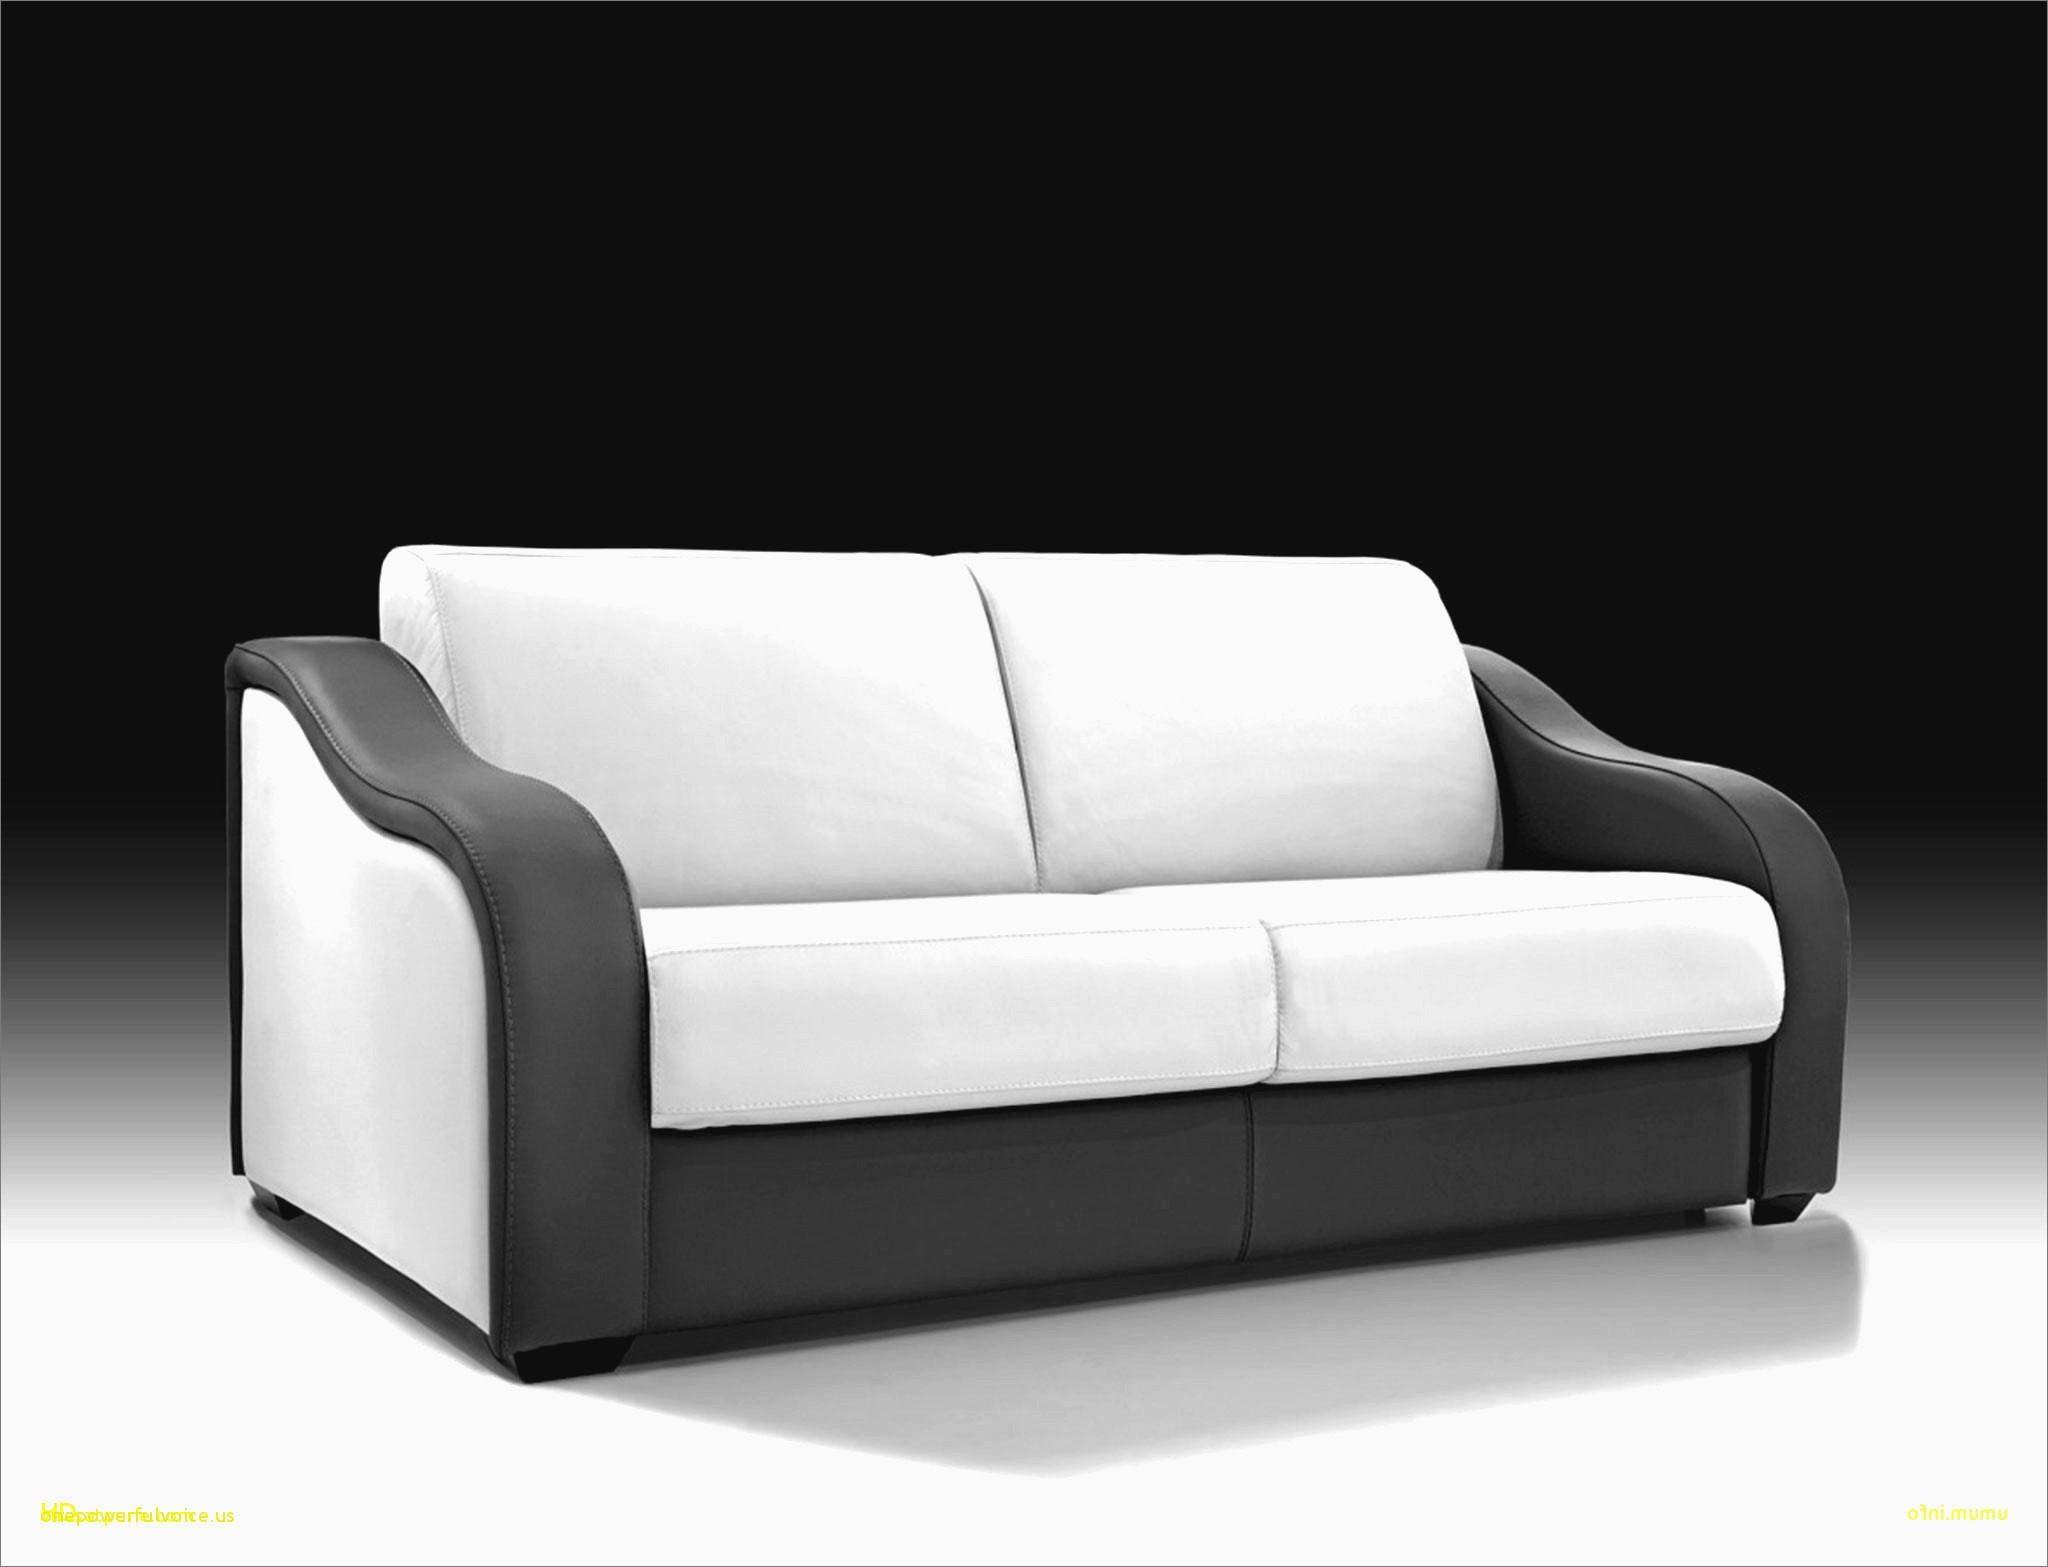 Matelas Pour Lit Articulé 2x80x200 Inspirant Table Recul Chaise Archives Manuel Desica Designs 39 Super Table